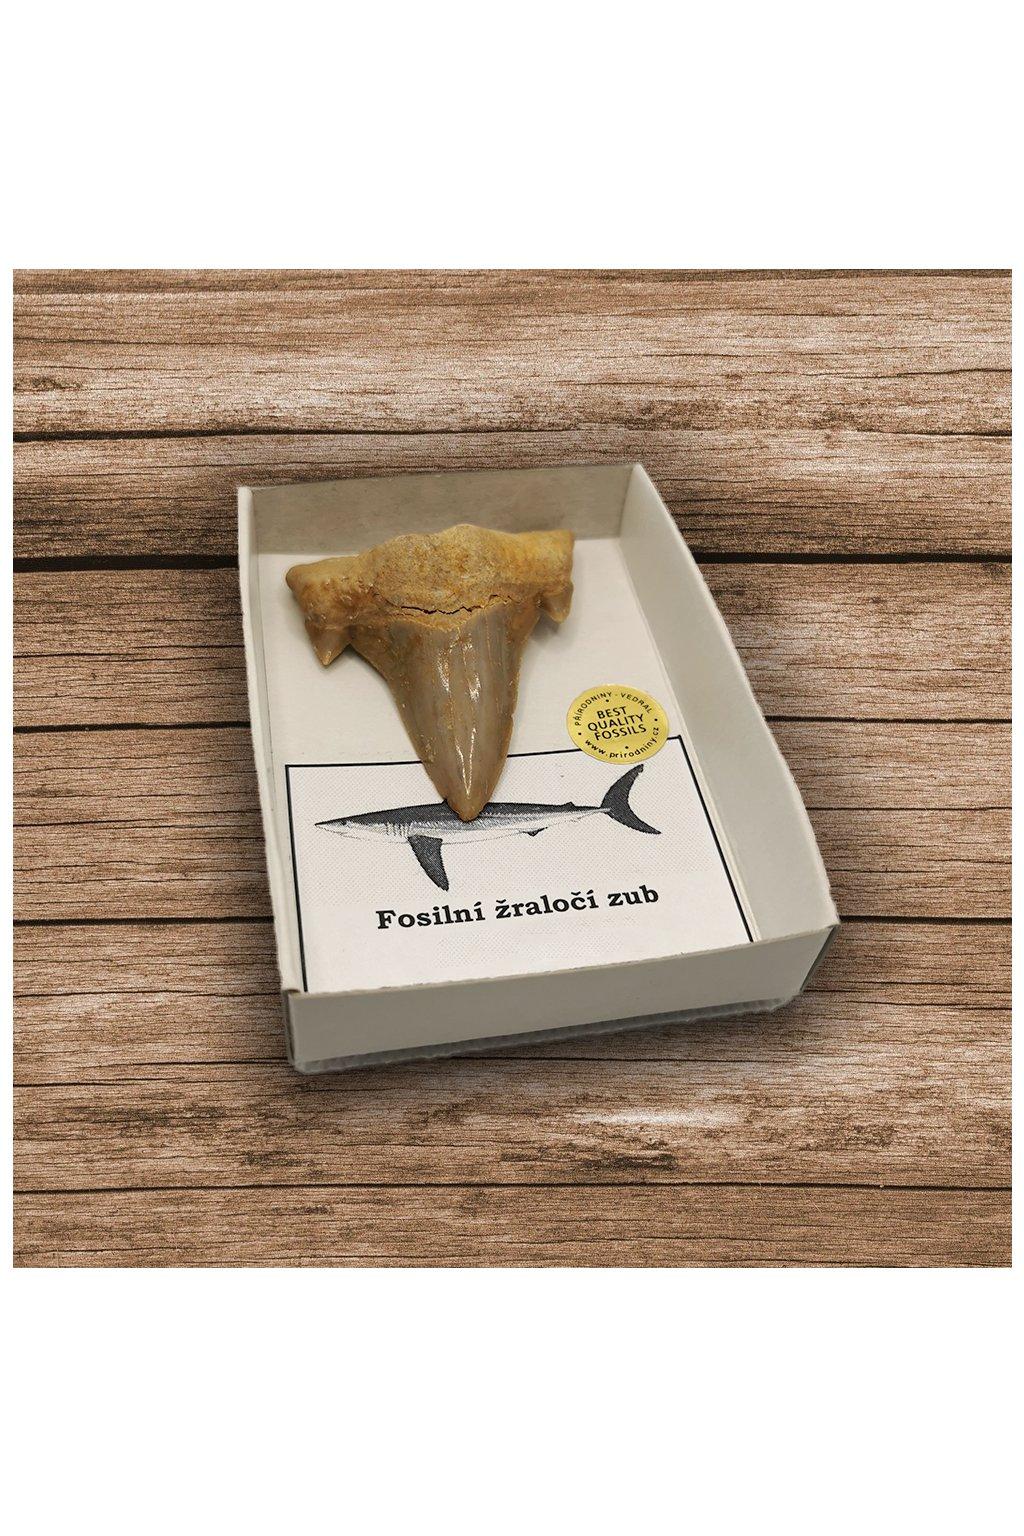 Fosilní žraločí zub v krabičce 1